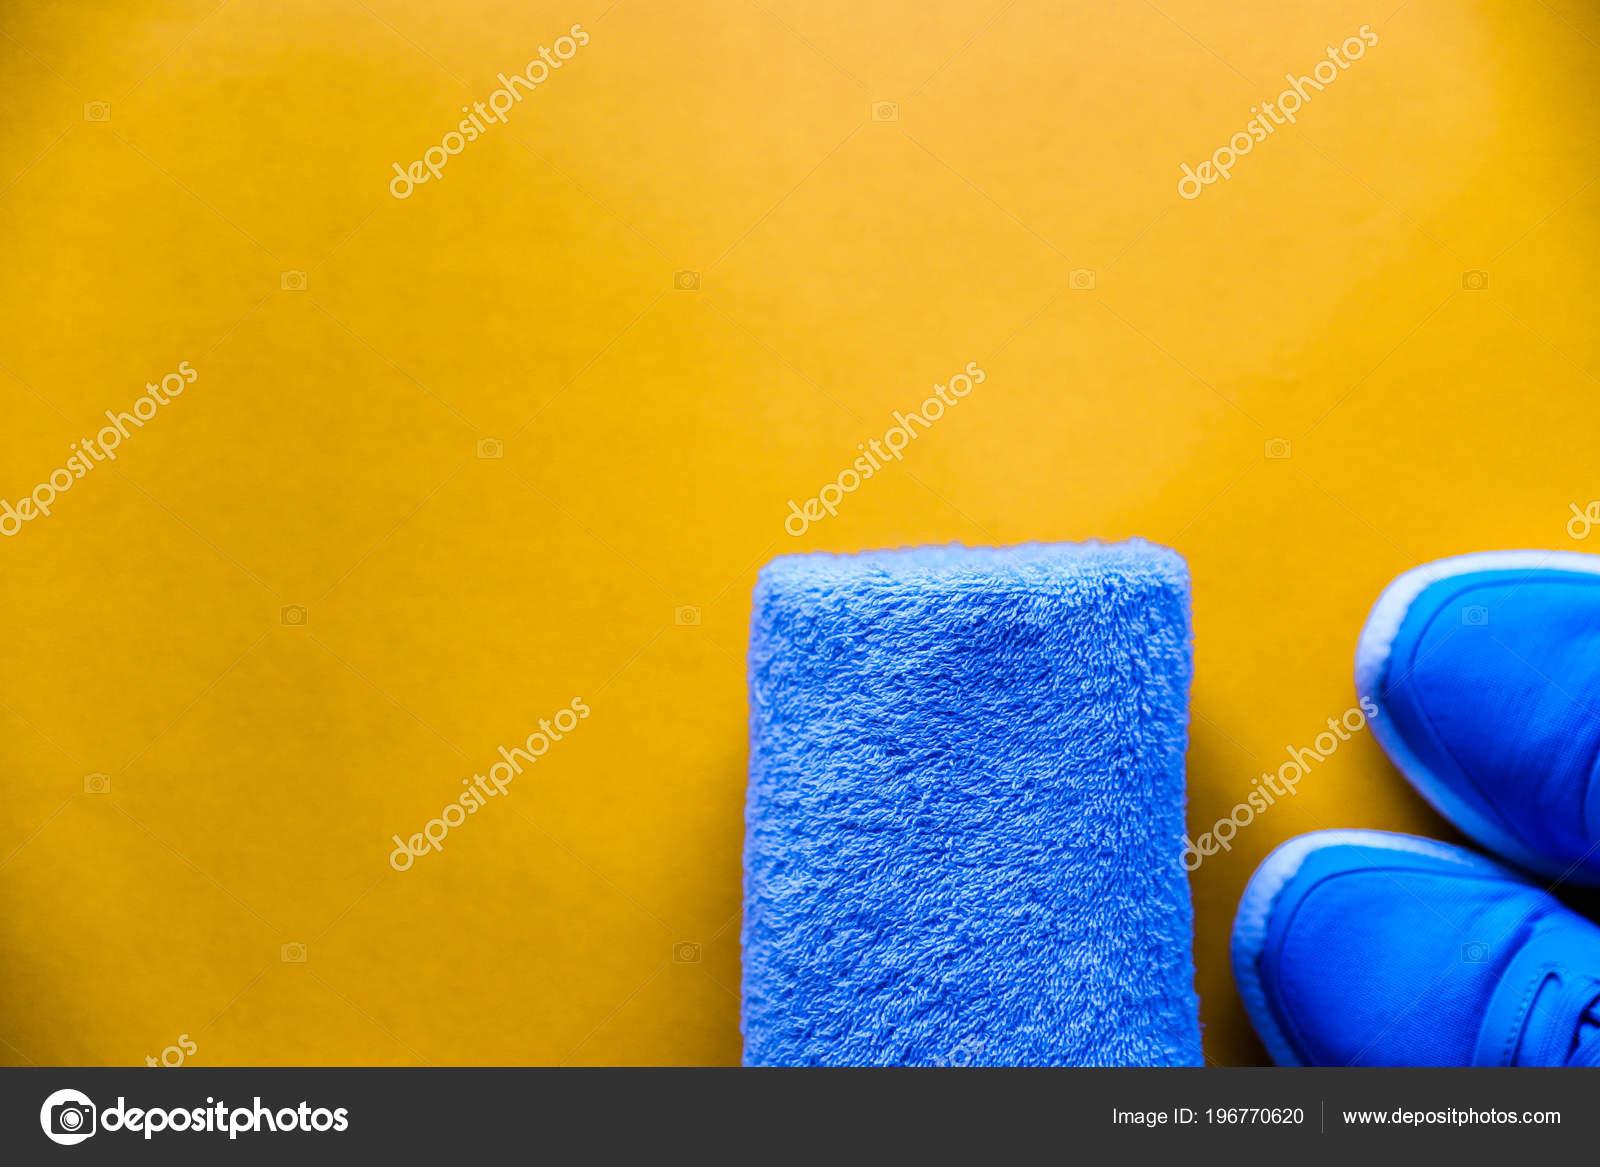 34116fe7872 Επίπεδη Βάλτε αθλητικά παπούτσια, μπουκάλι νερό, πετσέτα σε κίτρινο ...